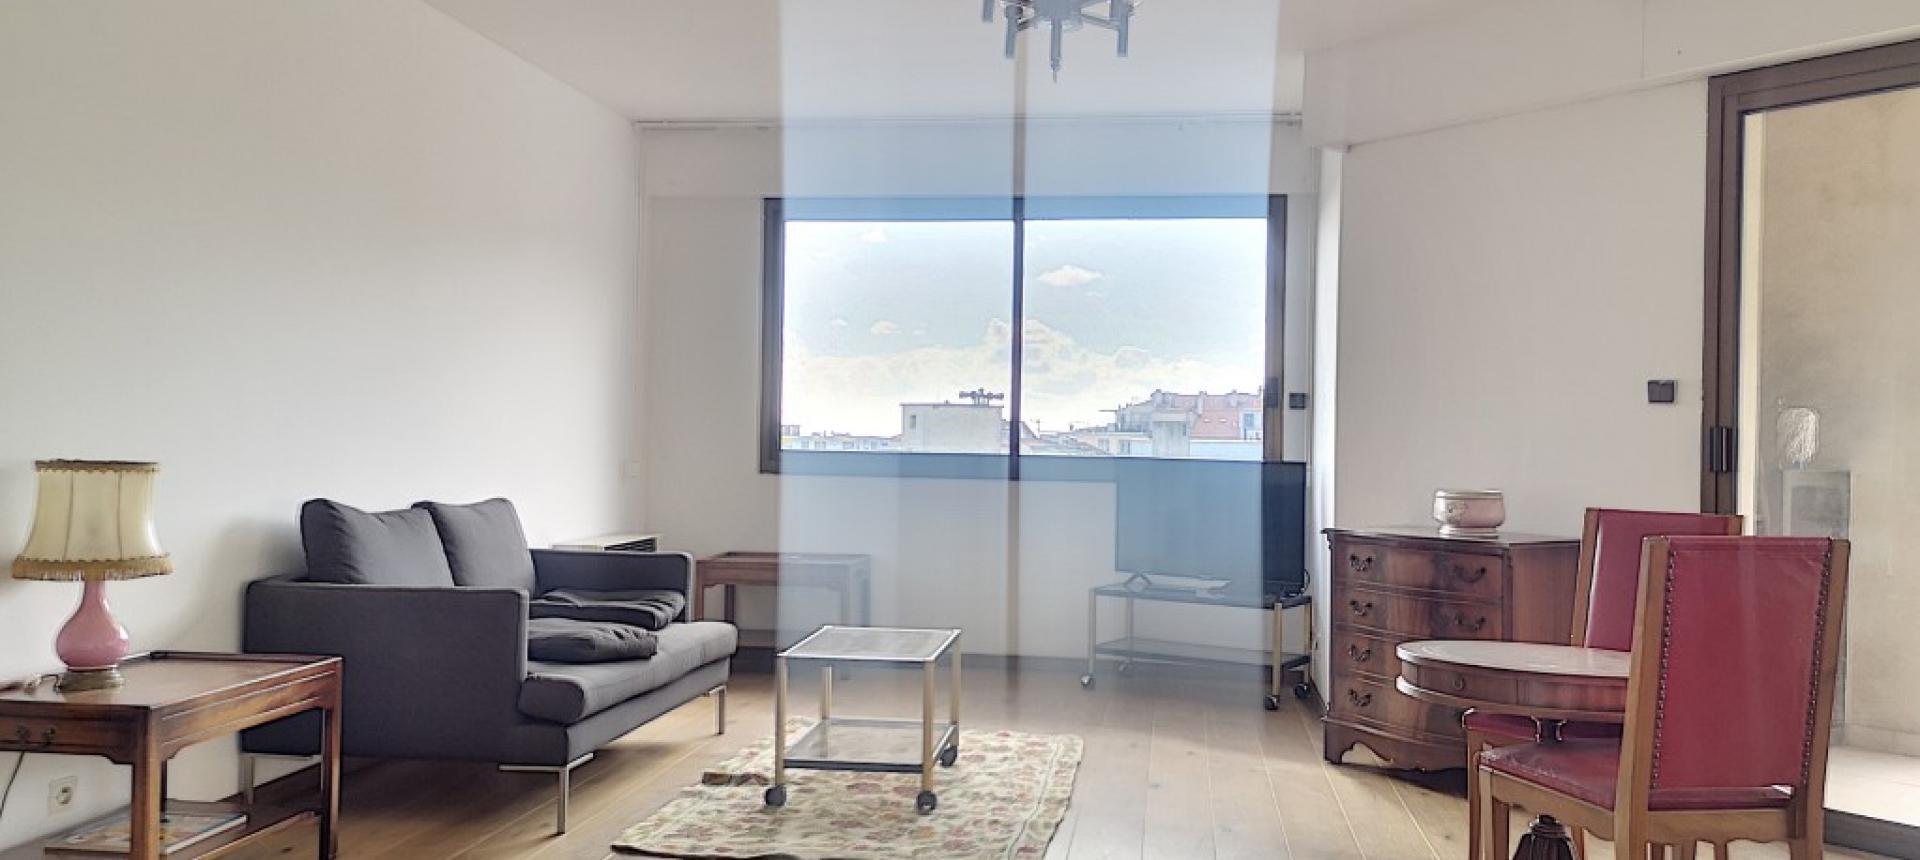 F3 meublé à louer FRED SCAMARONI séjour coin salon